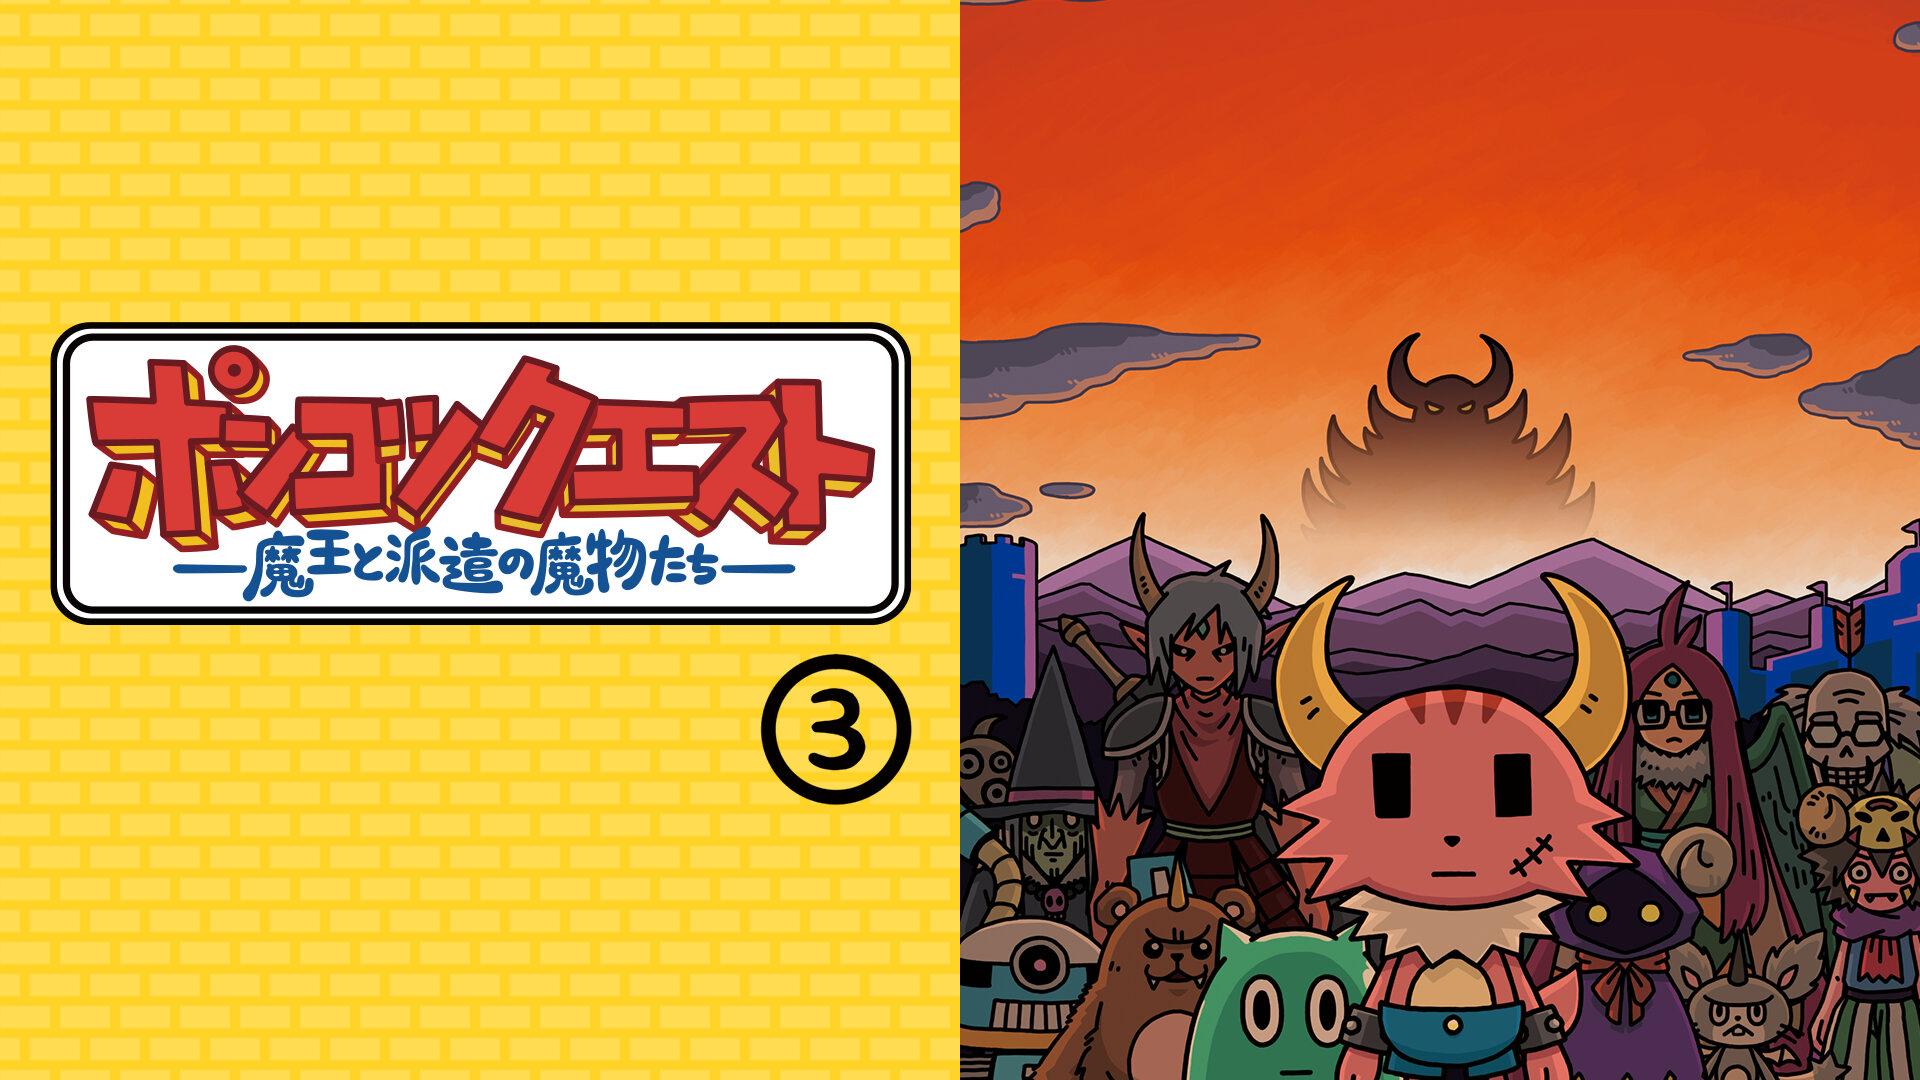 ポンコツクエスト~魔王と派遣の魔物たち~ シーズン3(dアニメストア)